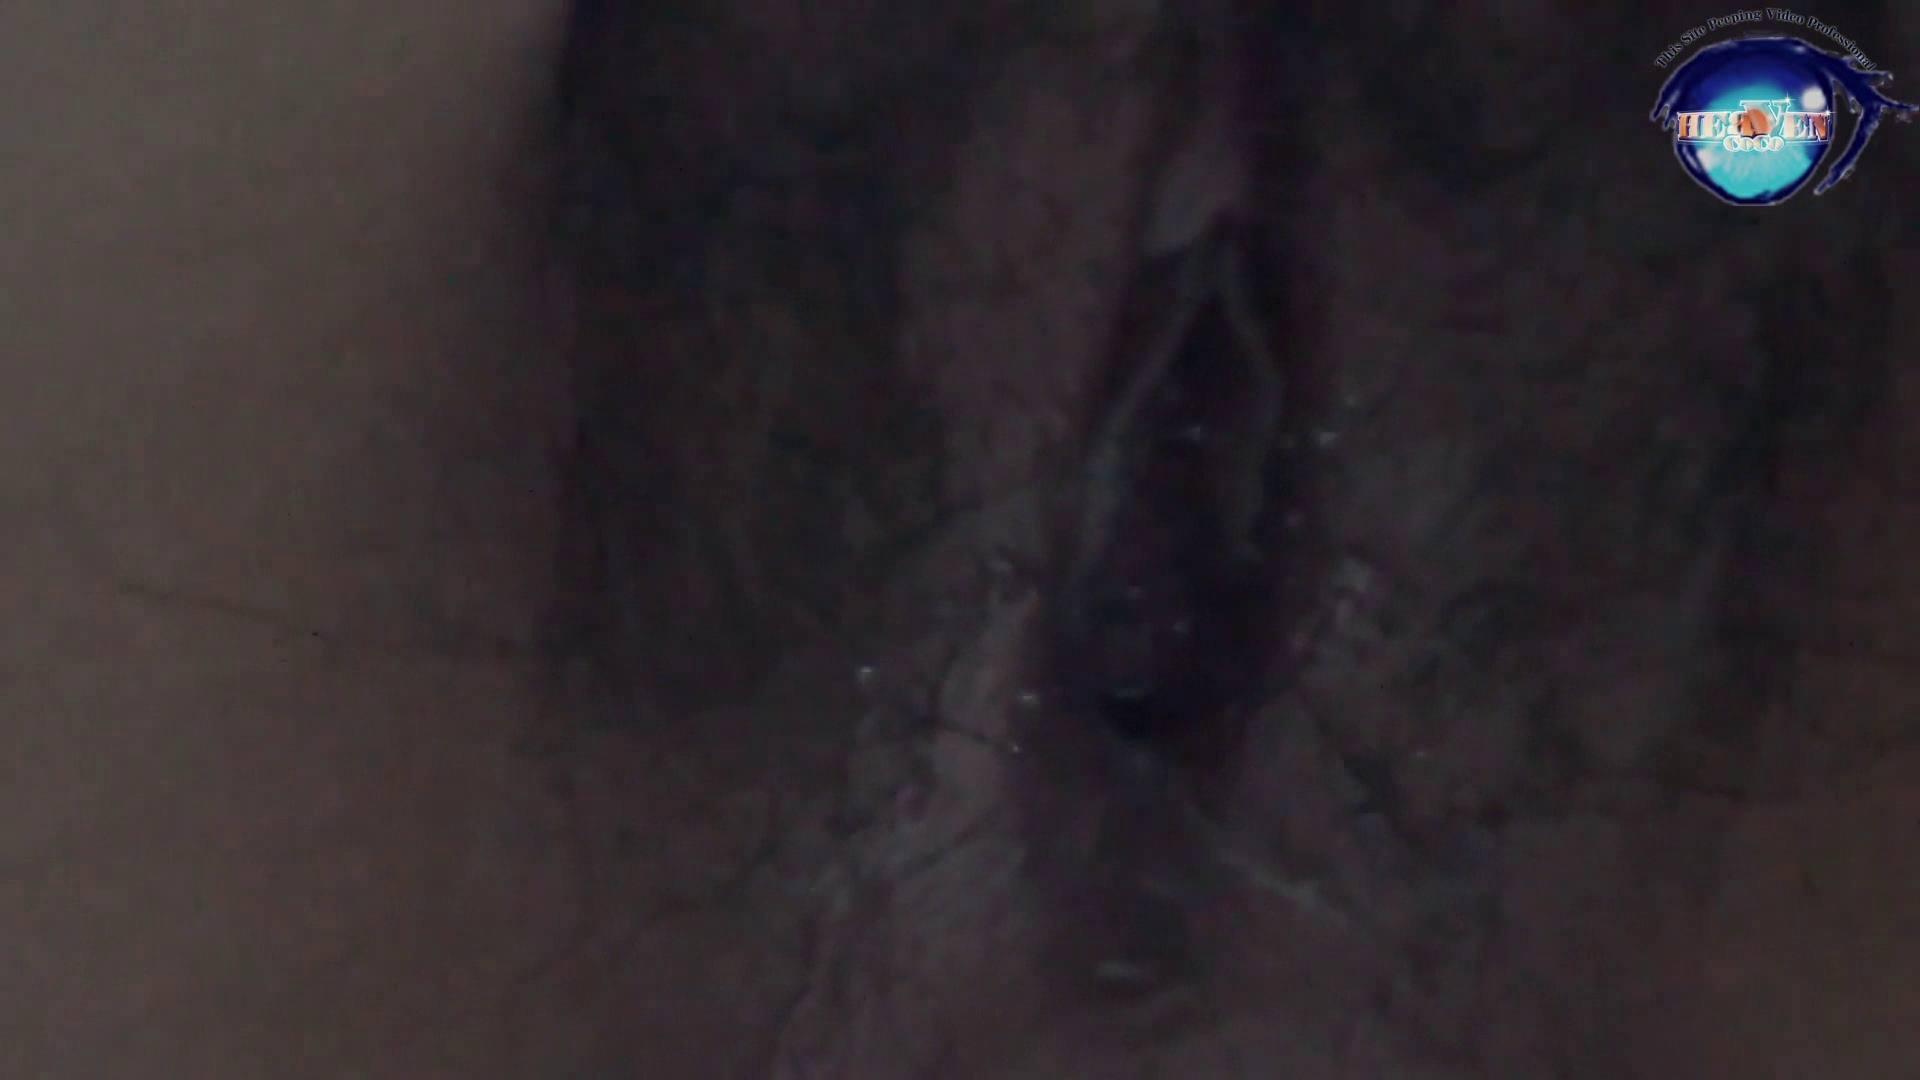 GOD HAND 芸術大学盗撮‼vol.64 OLエロ画像 のぞきエロ無料画像 105PICs 50